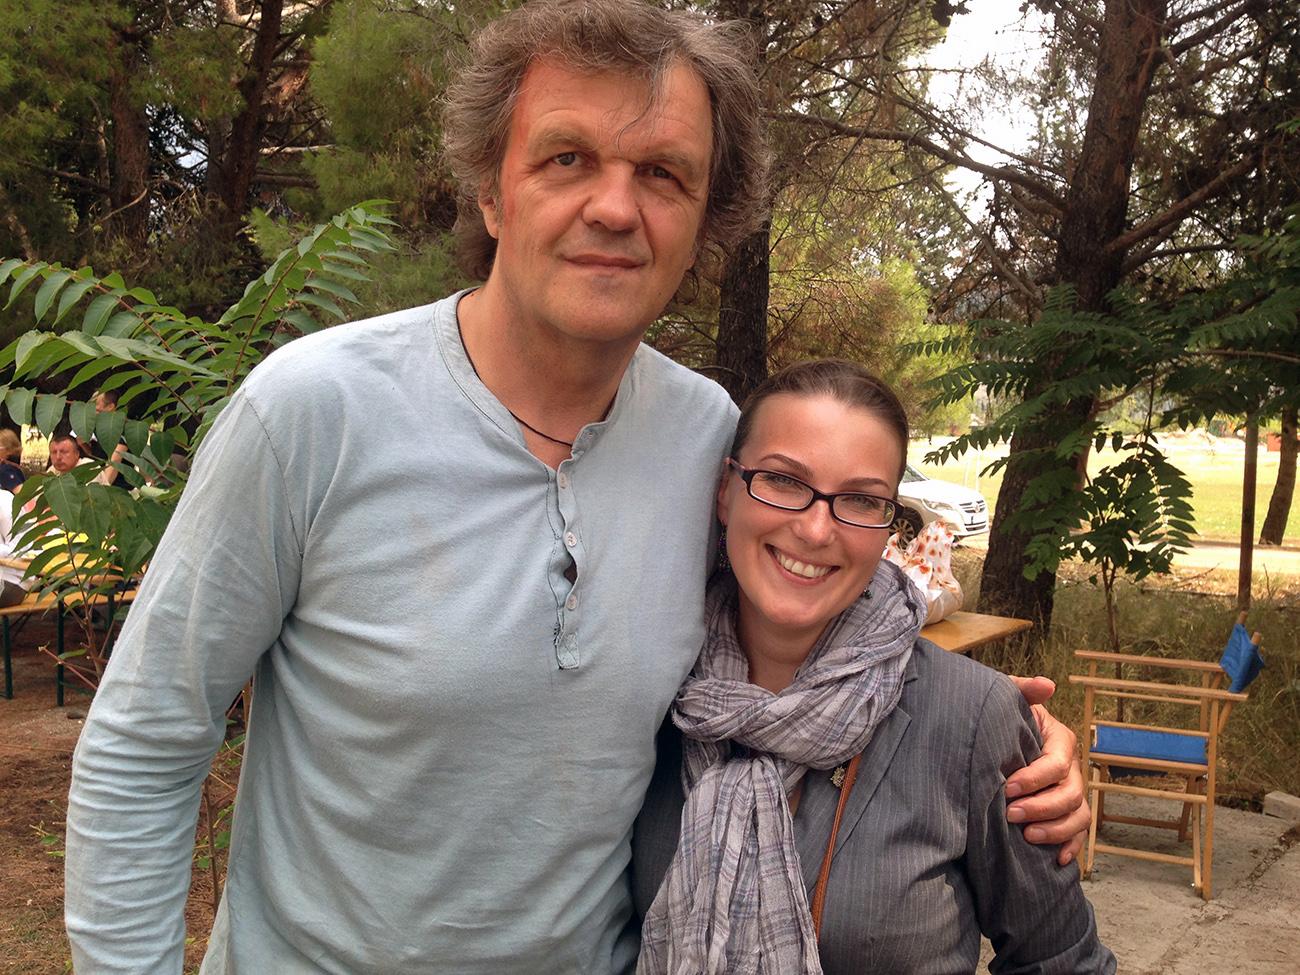 Емир Кустурица и Катарина Лане / Фото: К. Лане